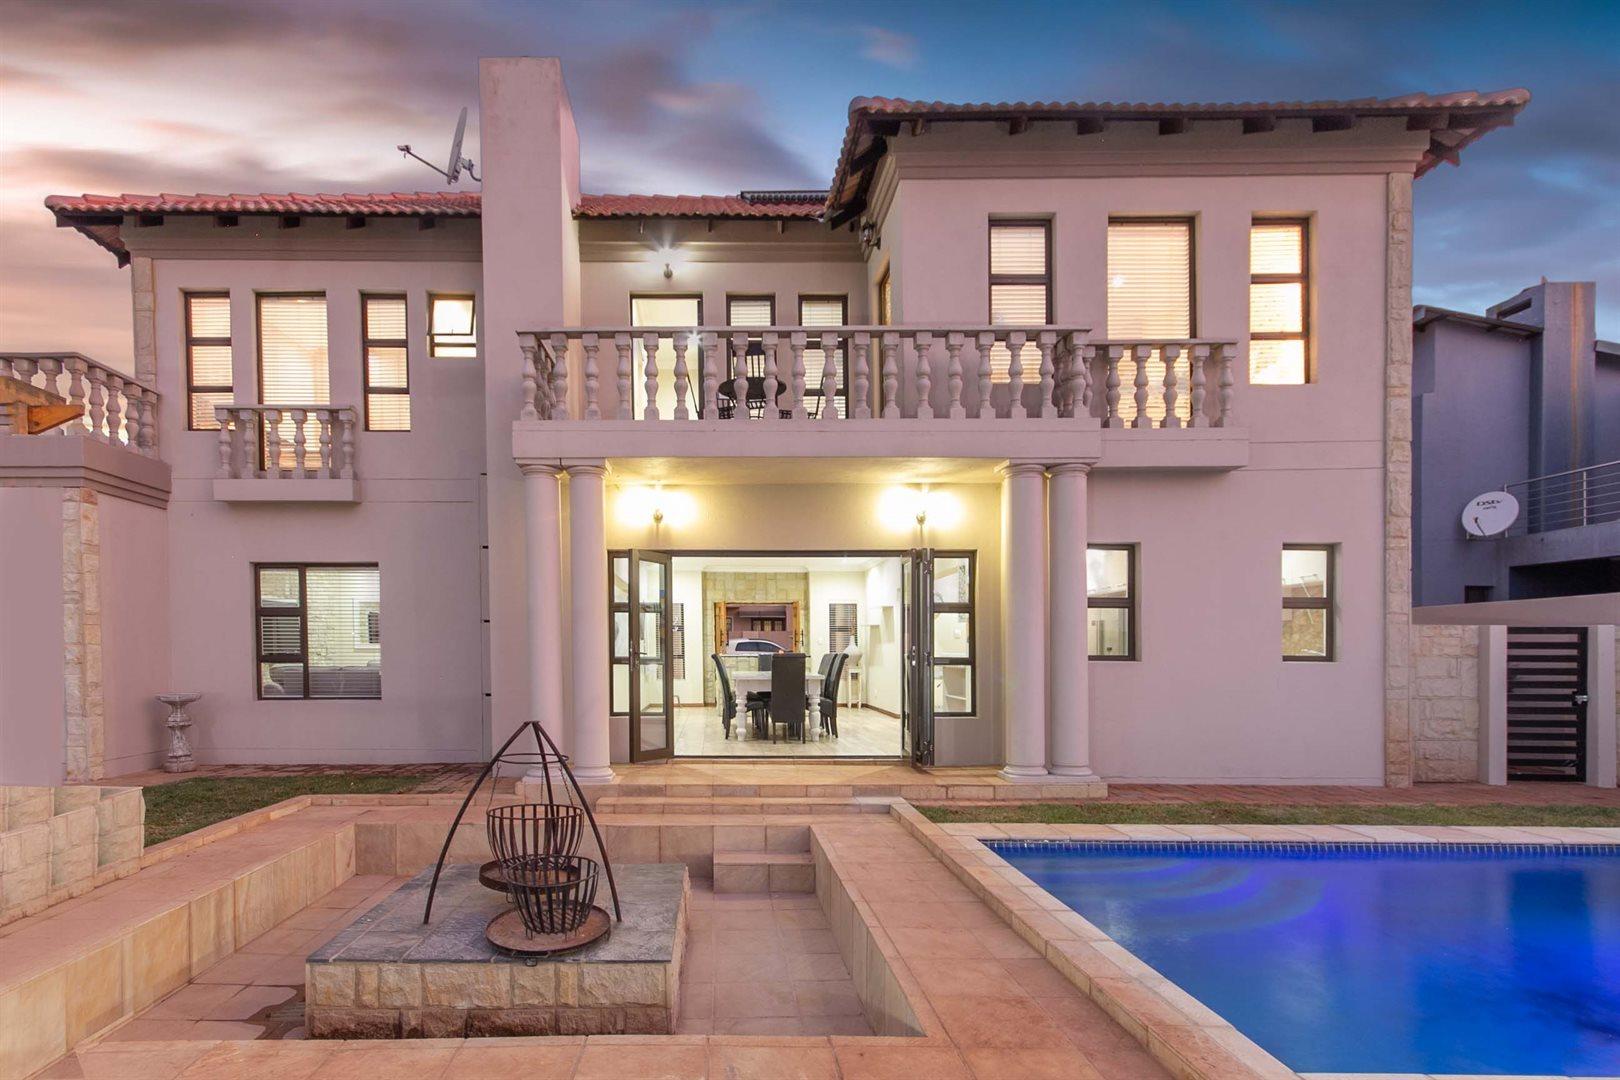 Centurion, Raslouw Glen Property  | Houses For Sale Raslouw Glen, Raslouw Glen, House 4 bedrooms property for sale Price:2,995,000